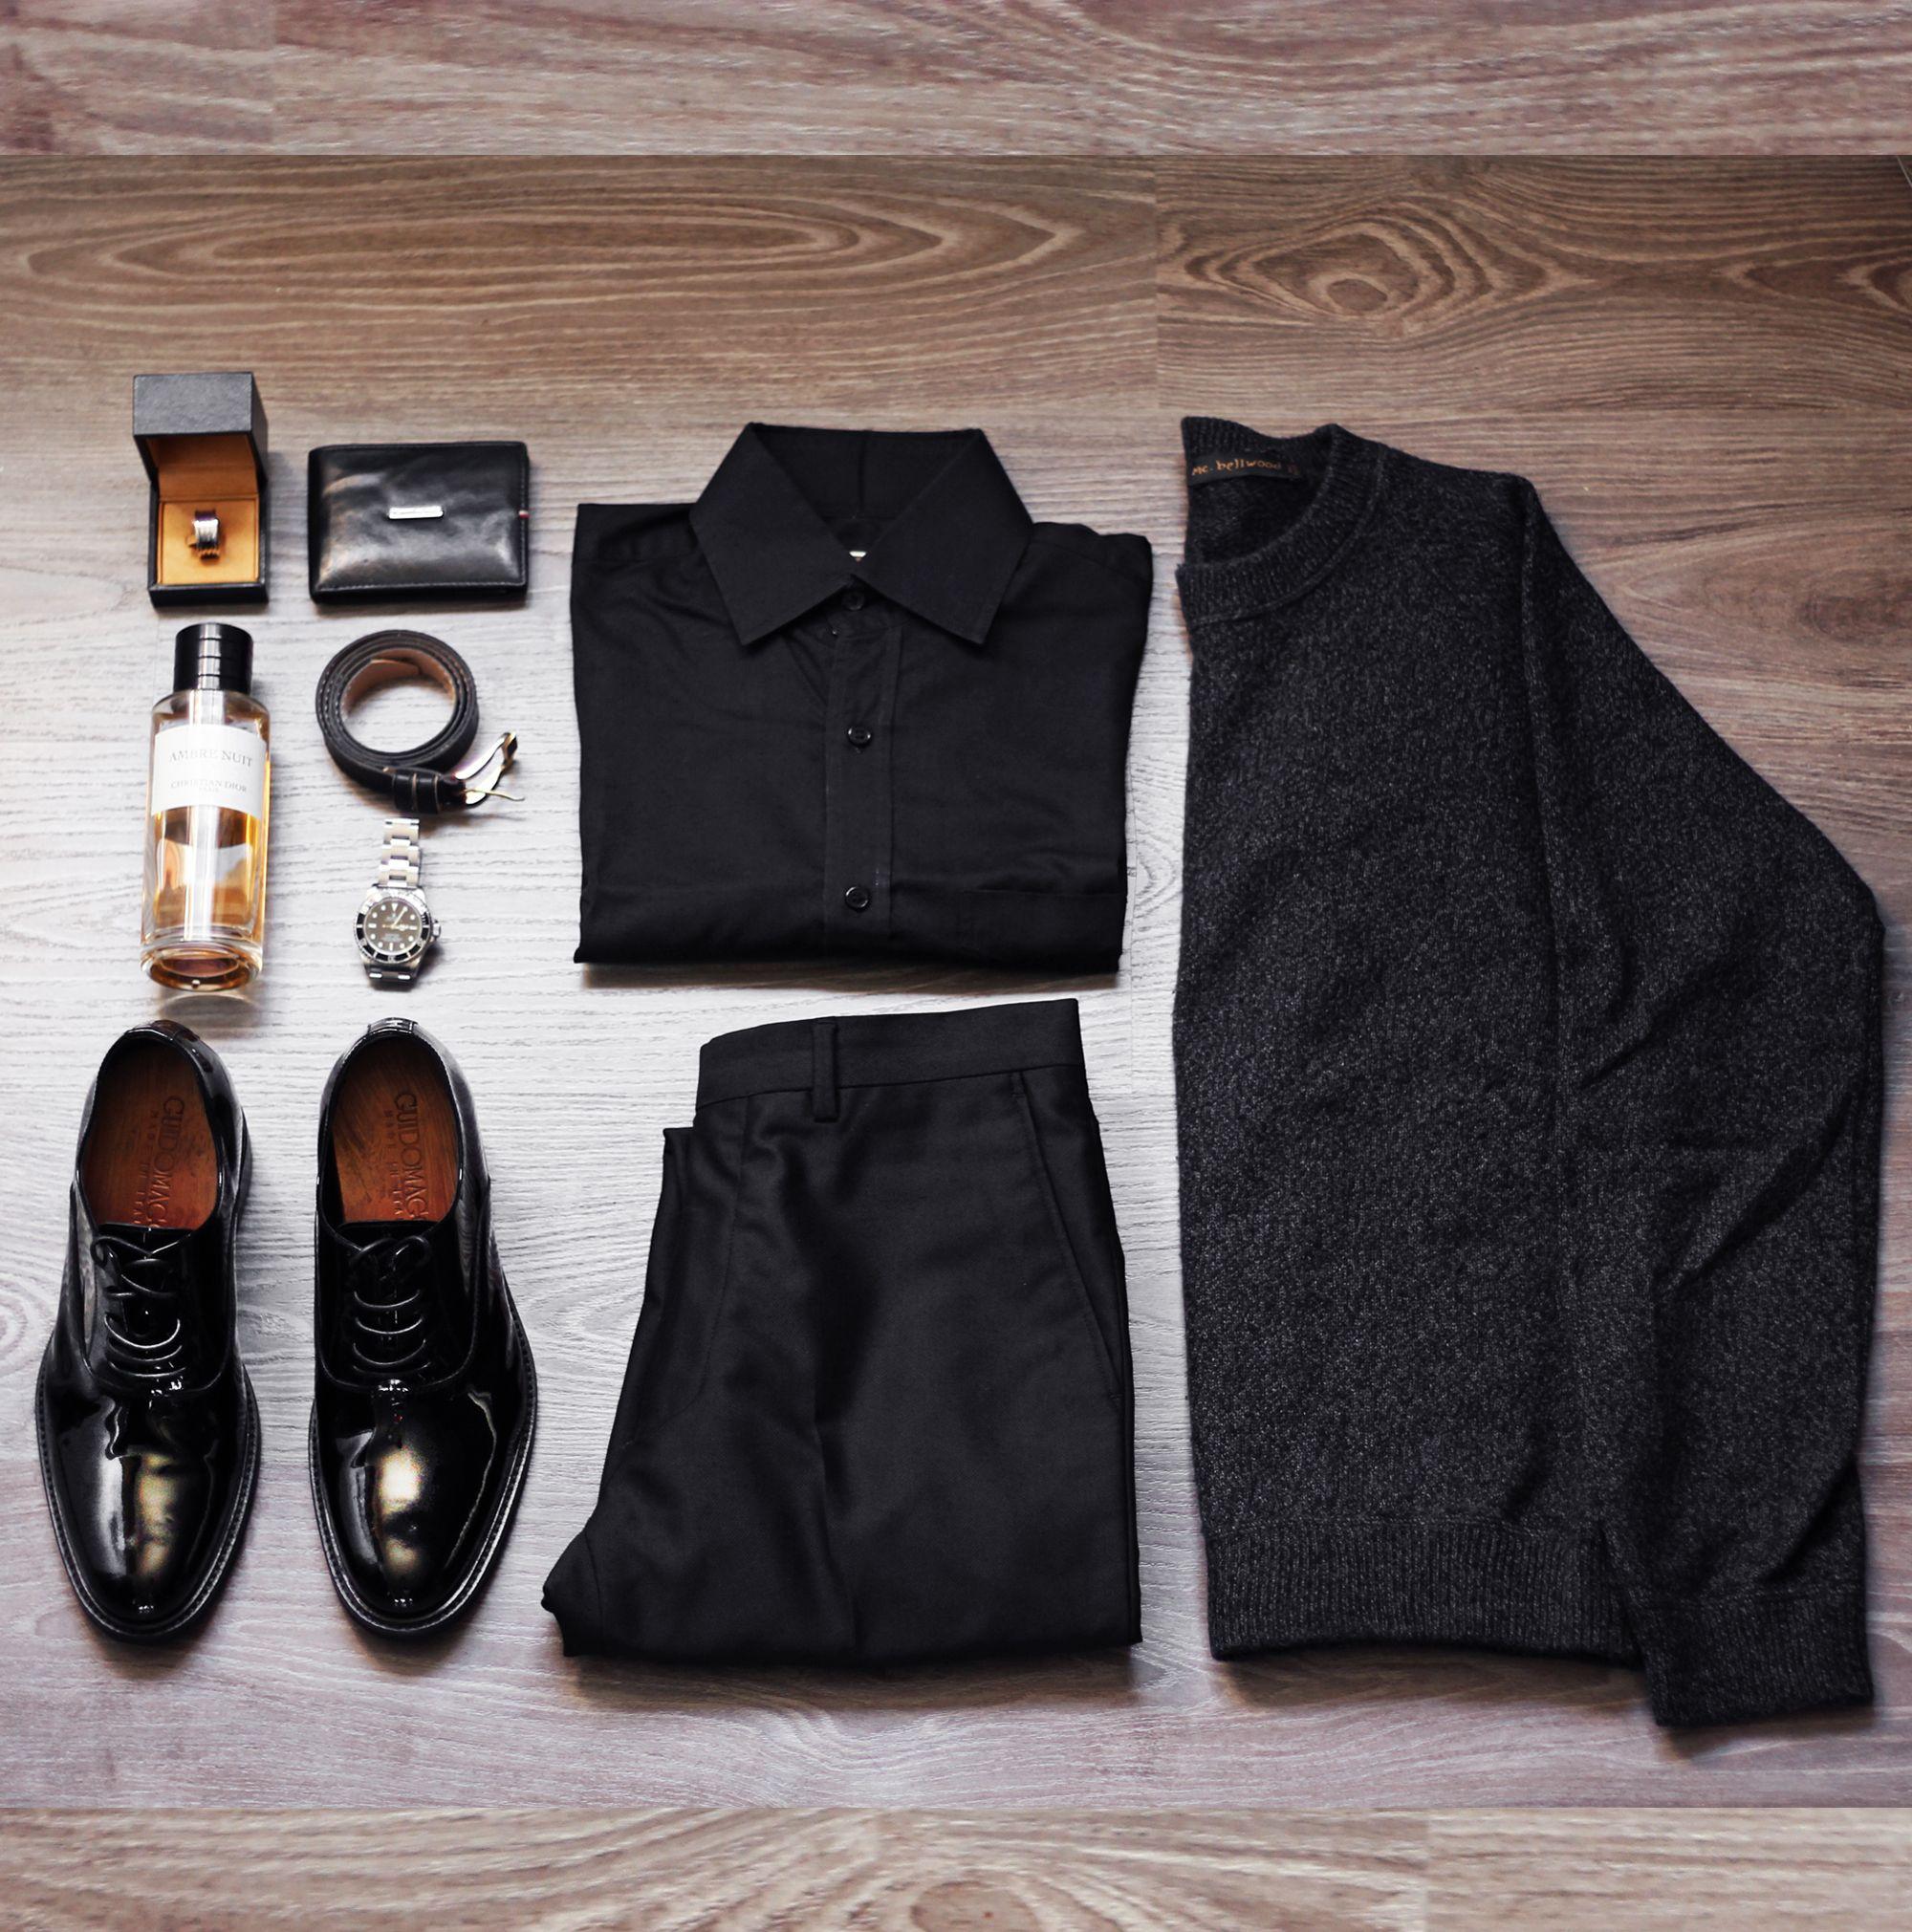 16d1d0b0bdb1 Scarpe Da Cerimonia Uomo Con Rialzo   Total black per un look elegante e  fashion l